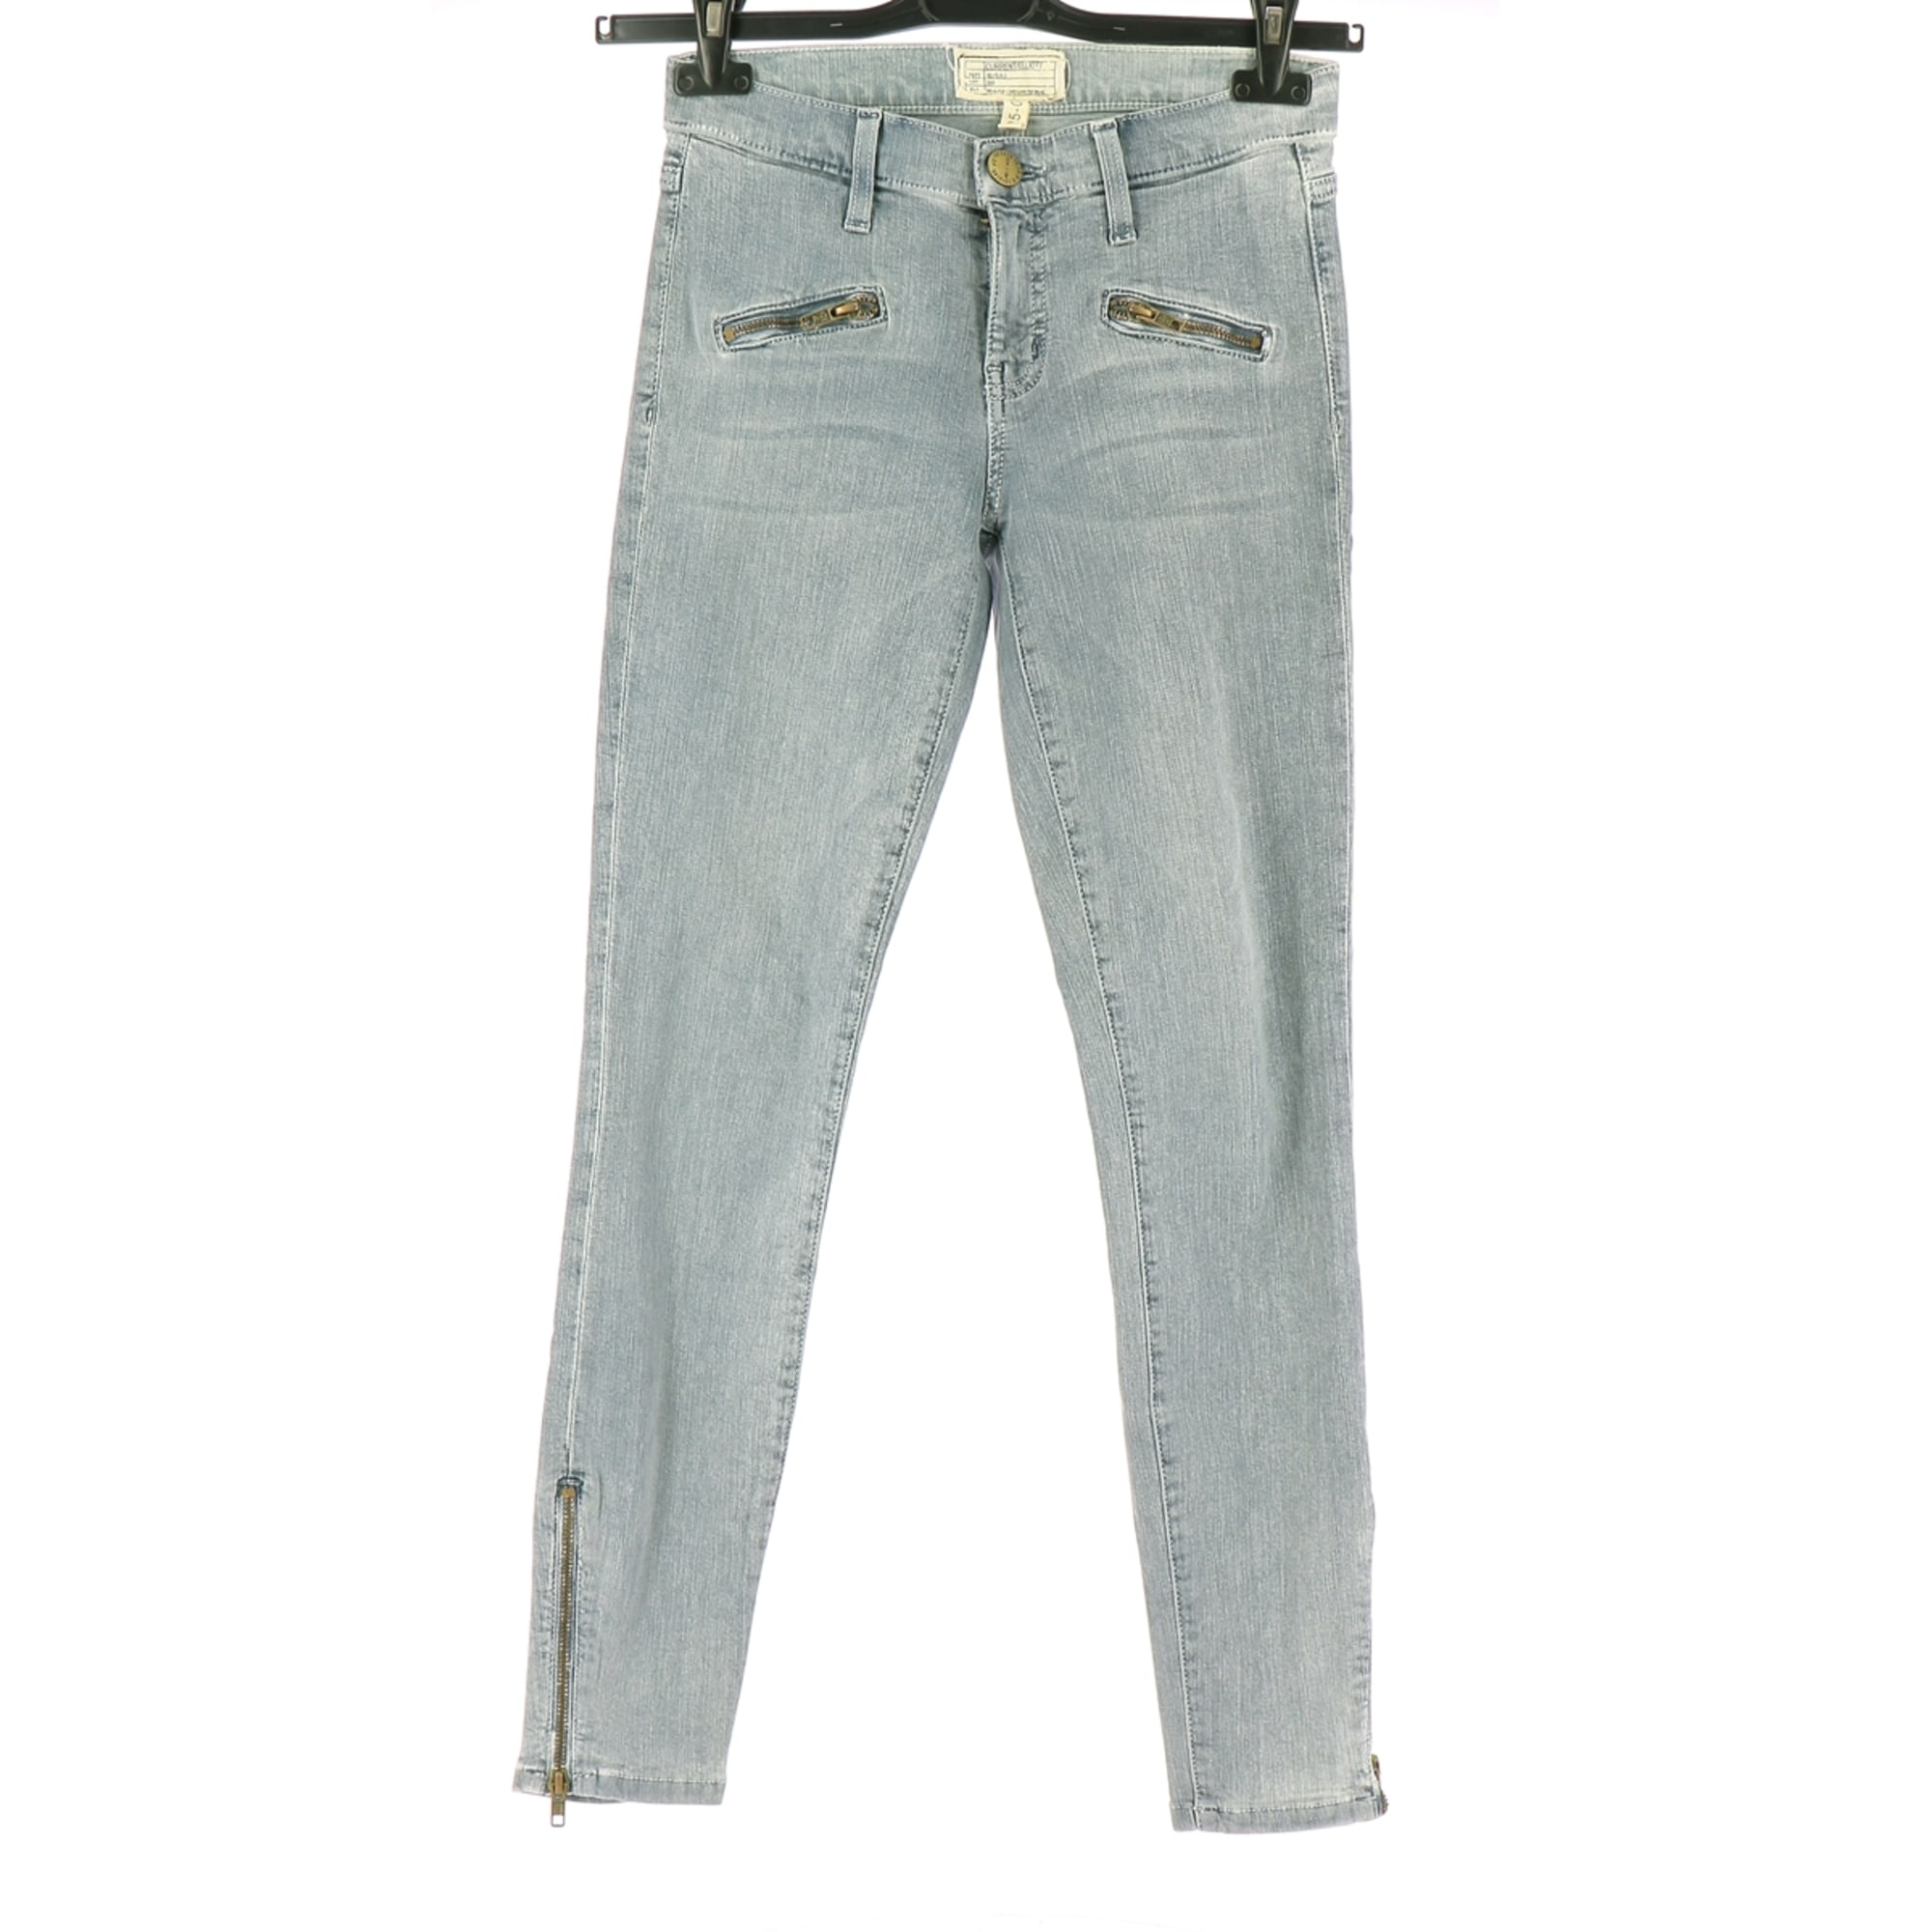 Jeans droit CURRENT/ELLIOTT Gris, anthracite